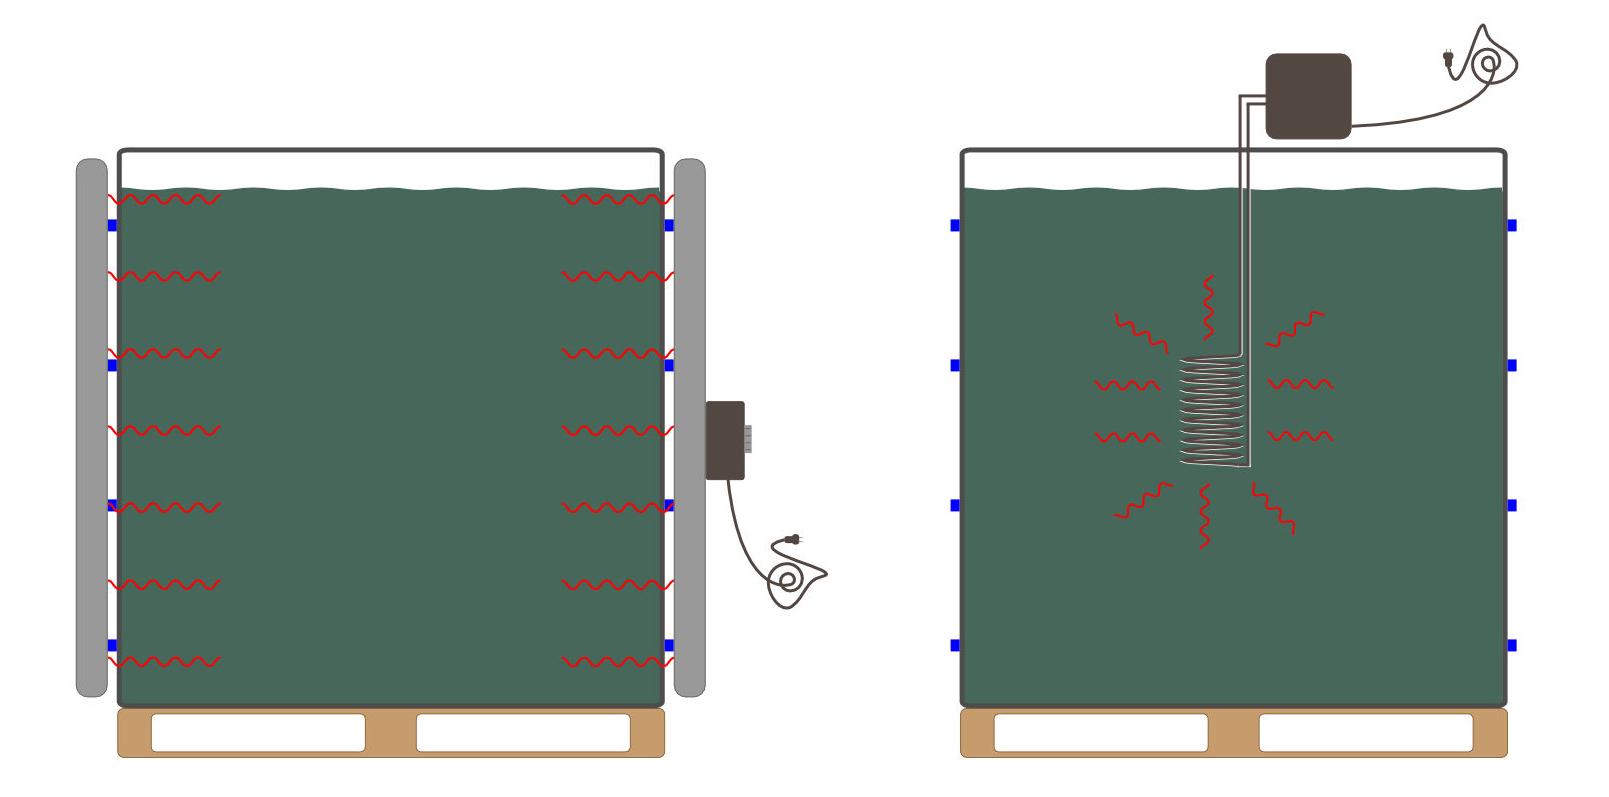 Ein Tauchsieder gibt Wärme direkt ans Medium ab, während eine IBC-Heizmatte ihre Wärme durch die Behälterwand übertragt.